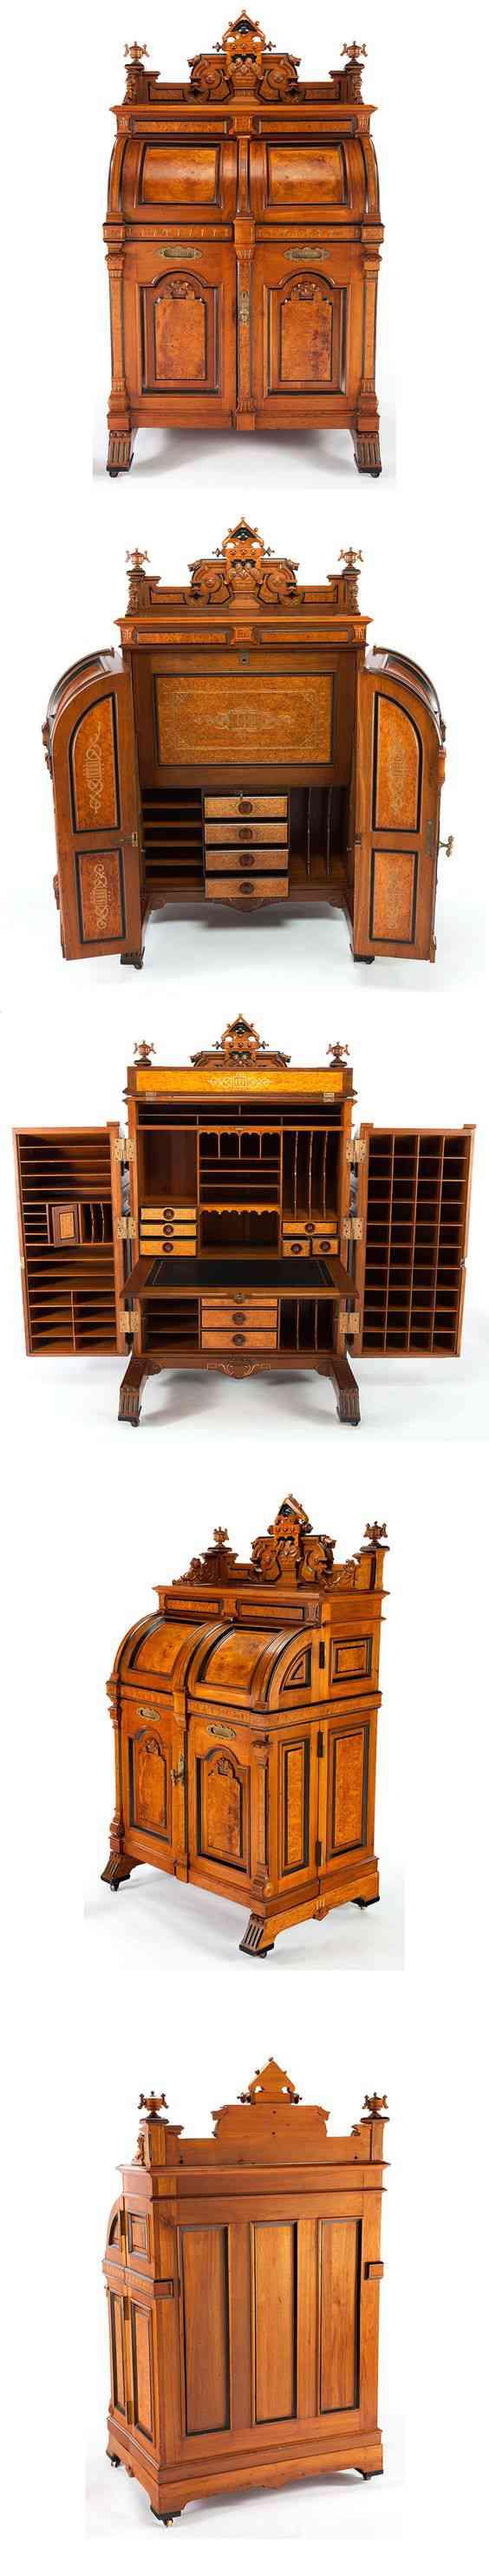 3c5ddad64bcecb2b10640fdfd2b5edc6 Vinte armários para artistas, colecionadores e modelistas